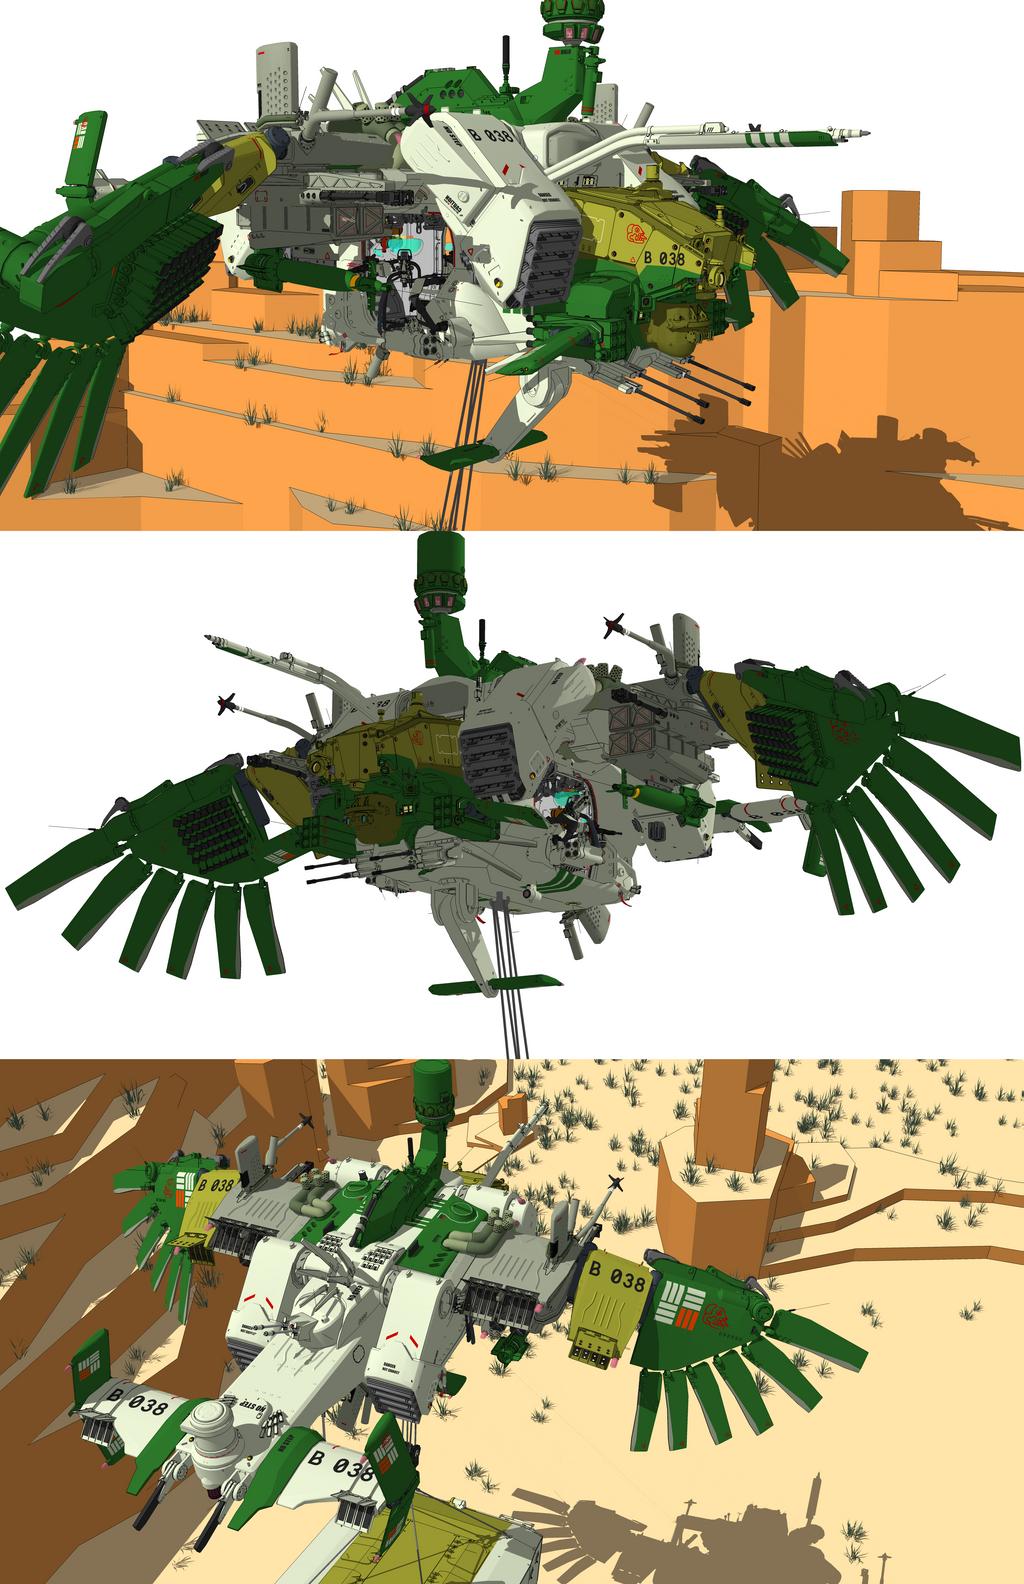 gunship by flaketom